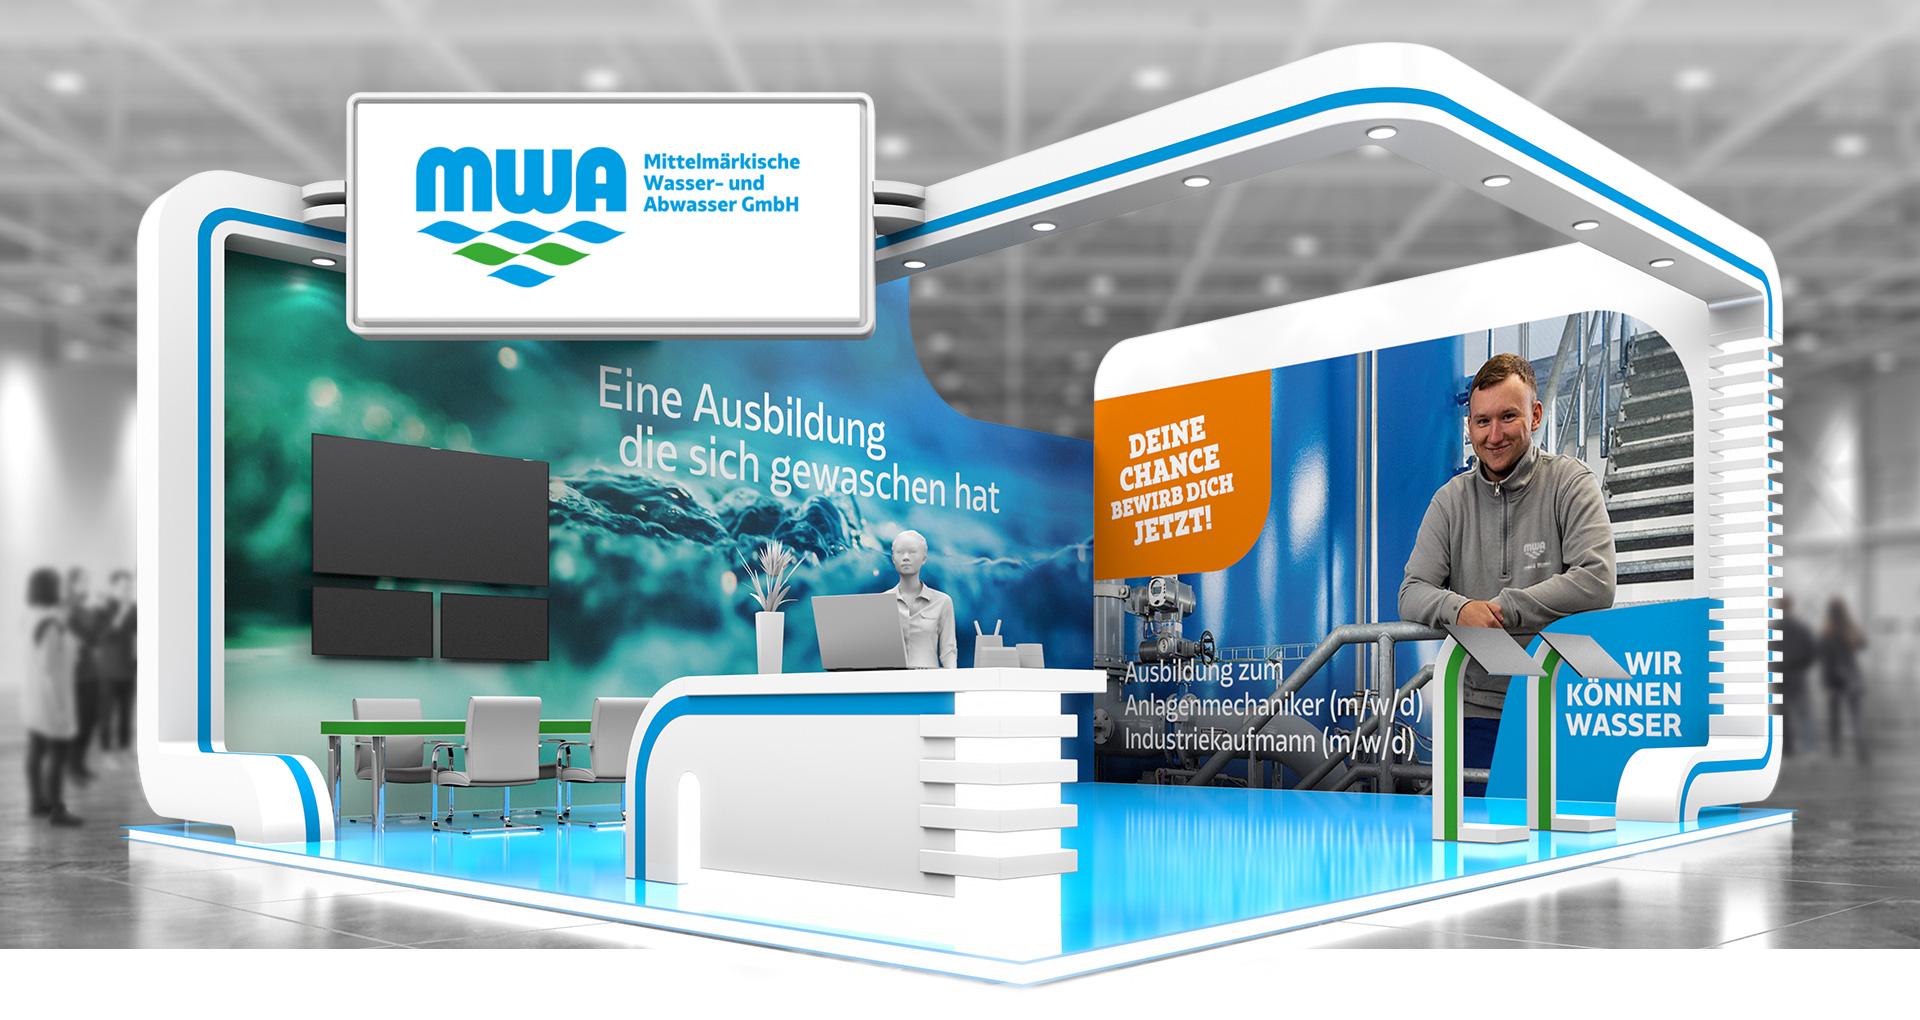 Mittelmärkische Wasser- und Abwasser GmbH wirbt digital für Ausbildungsplätze - Teltower Ausbildungsmesse findet virtuell statt